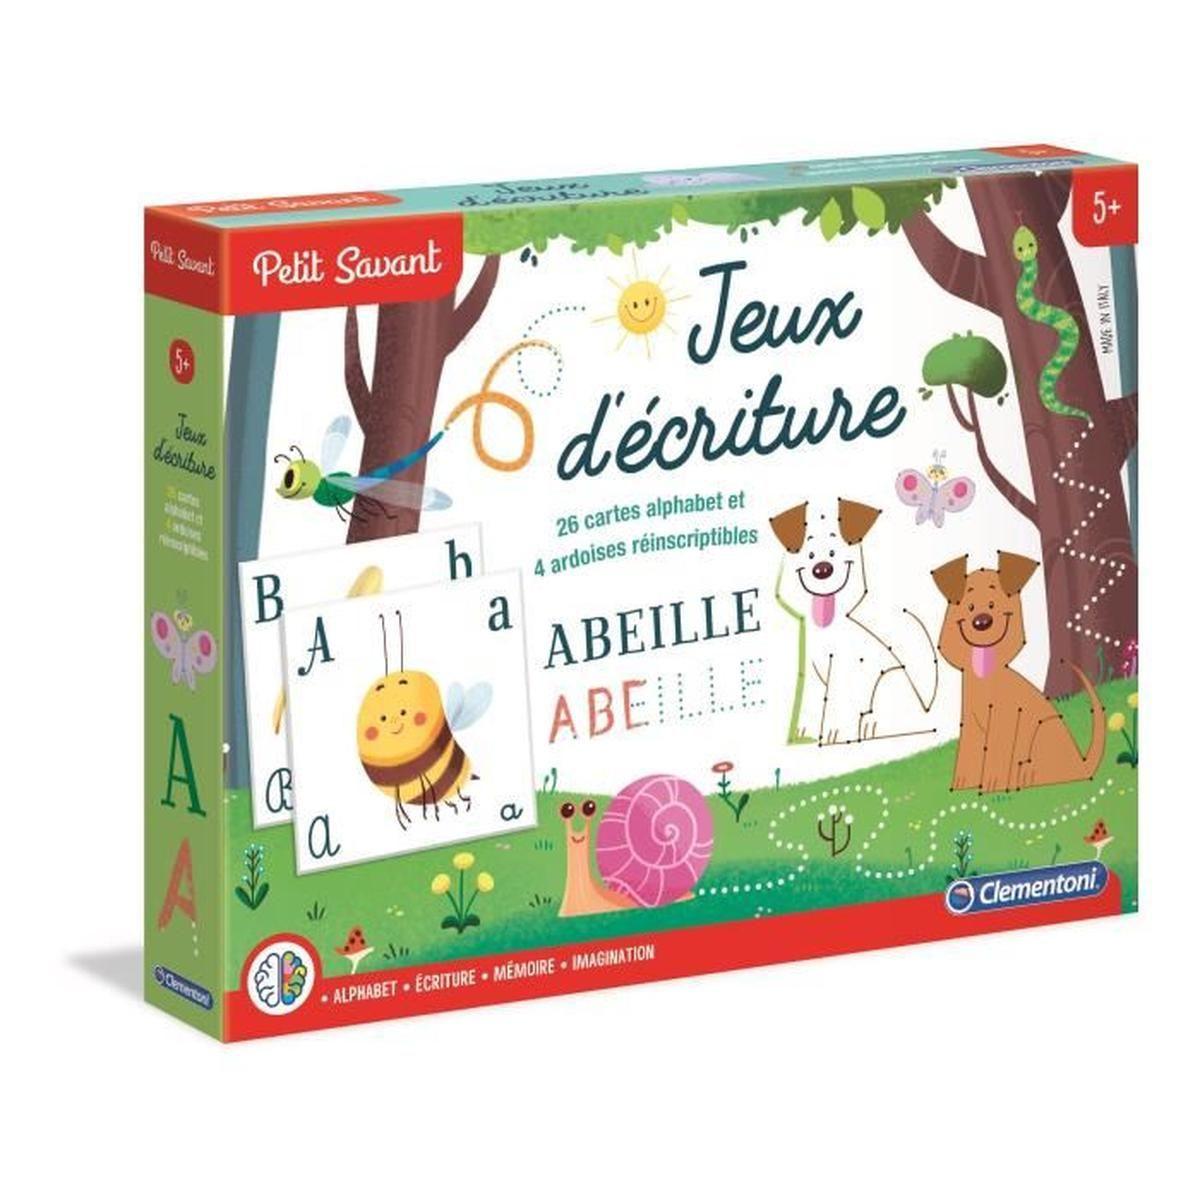 Clementoni Jeux Ecriture avec Jeux Educatif Enfant 6 Ans